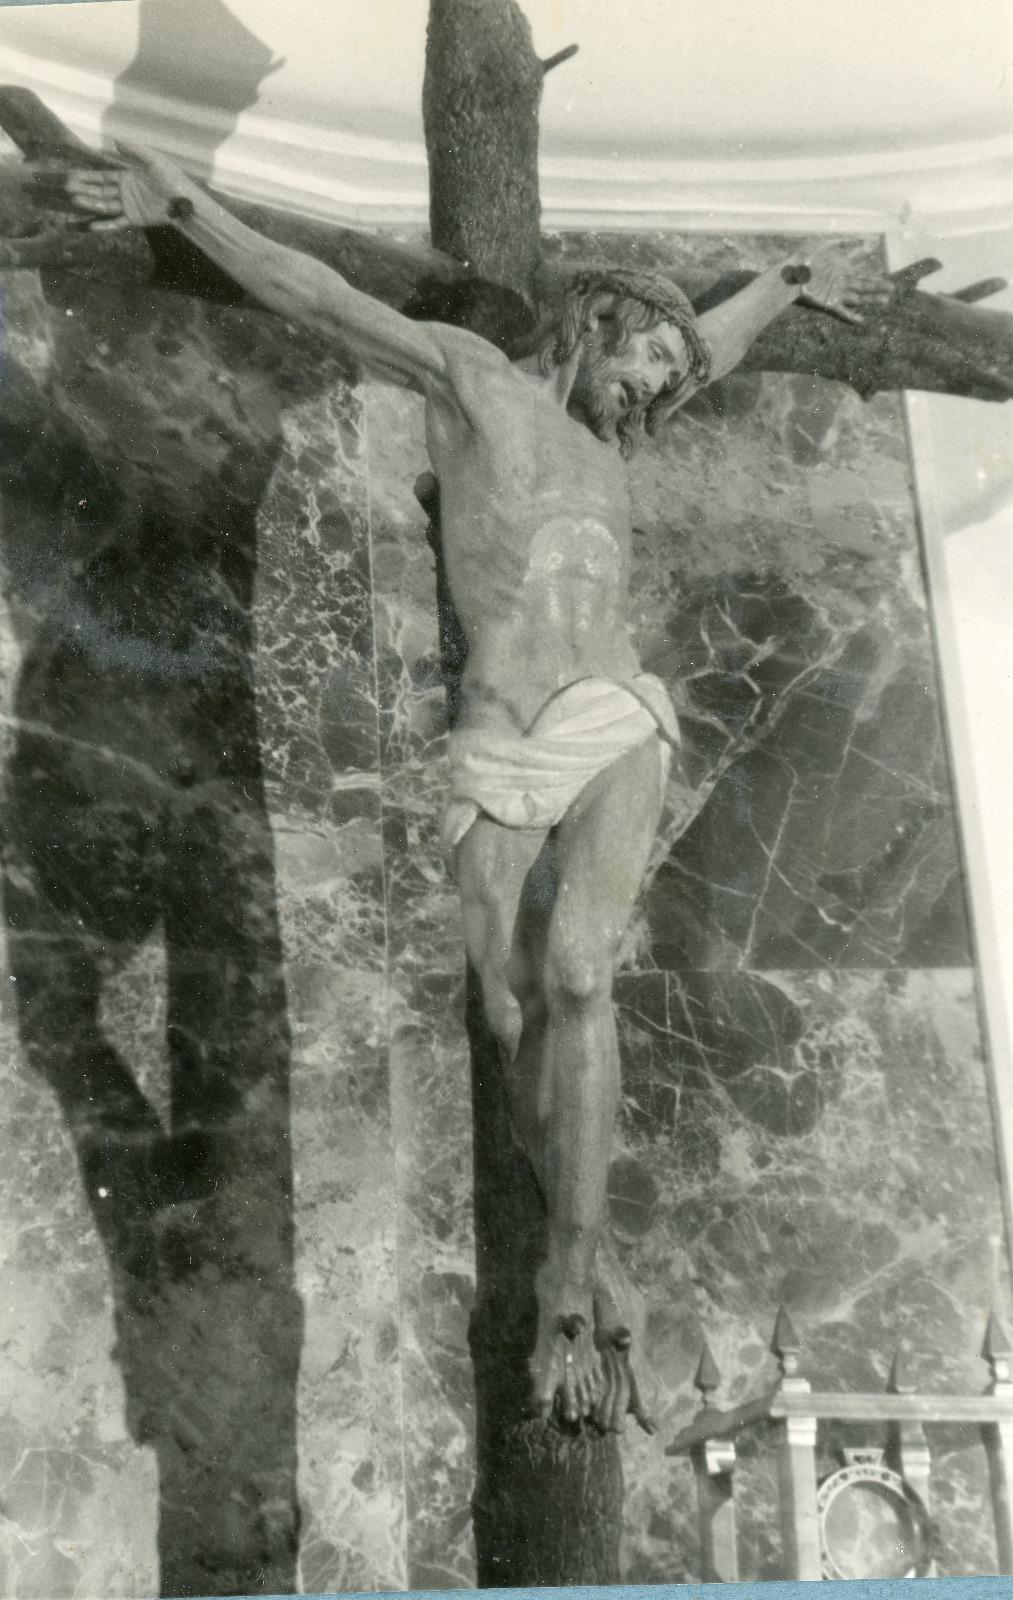 Crucificado en su primera ubicación. Seminario Menor de Hellín (Albacete). Foto: Fundación José Zamorano.